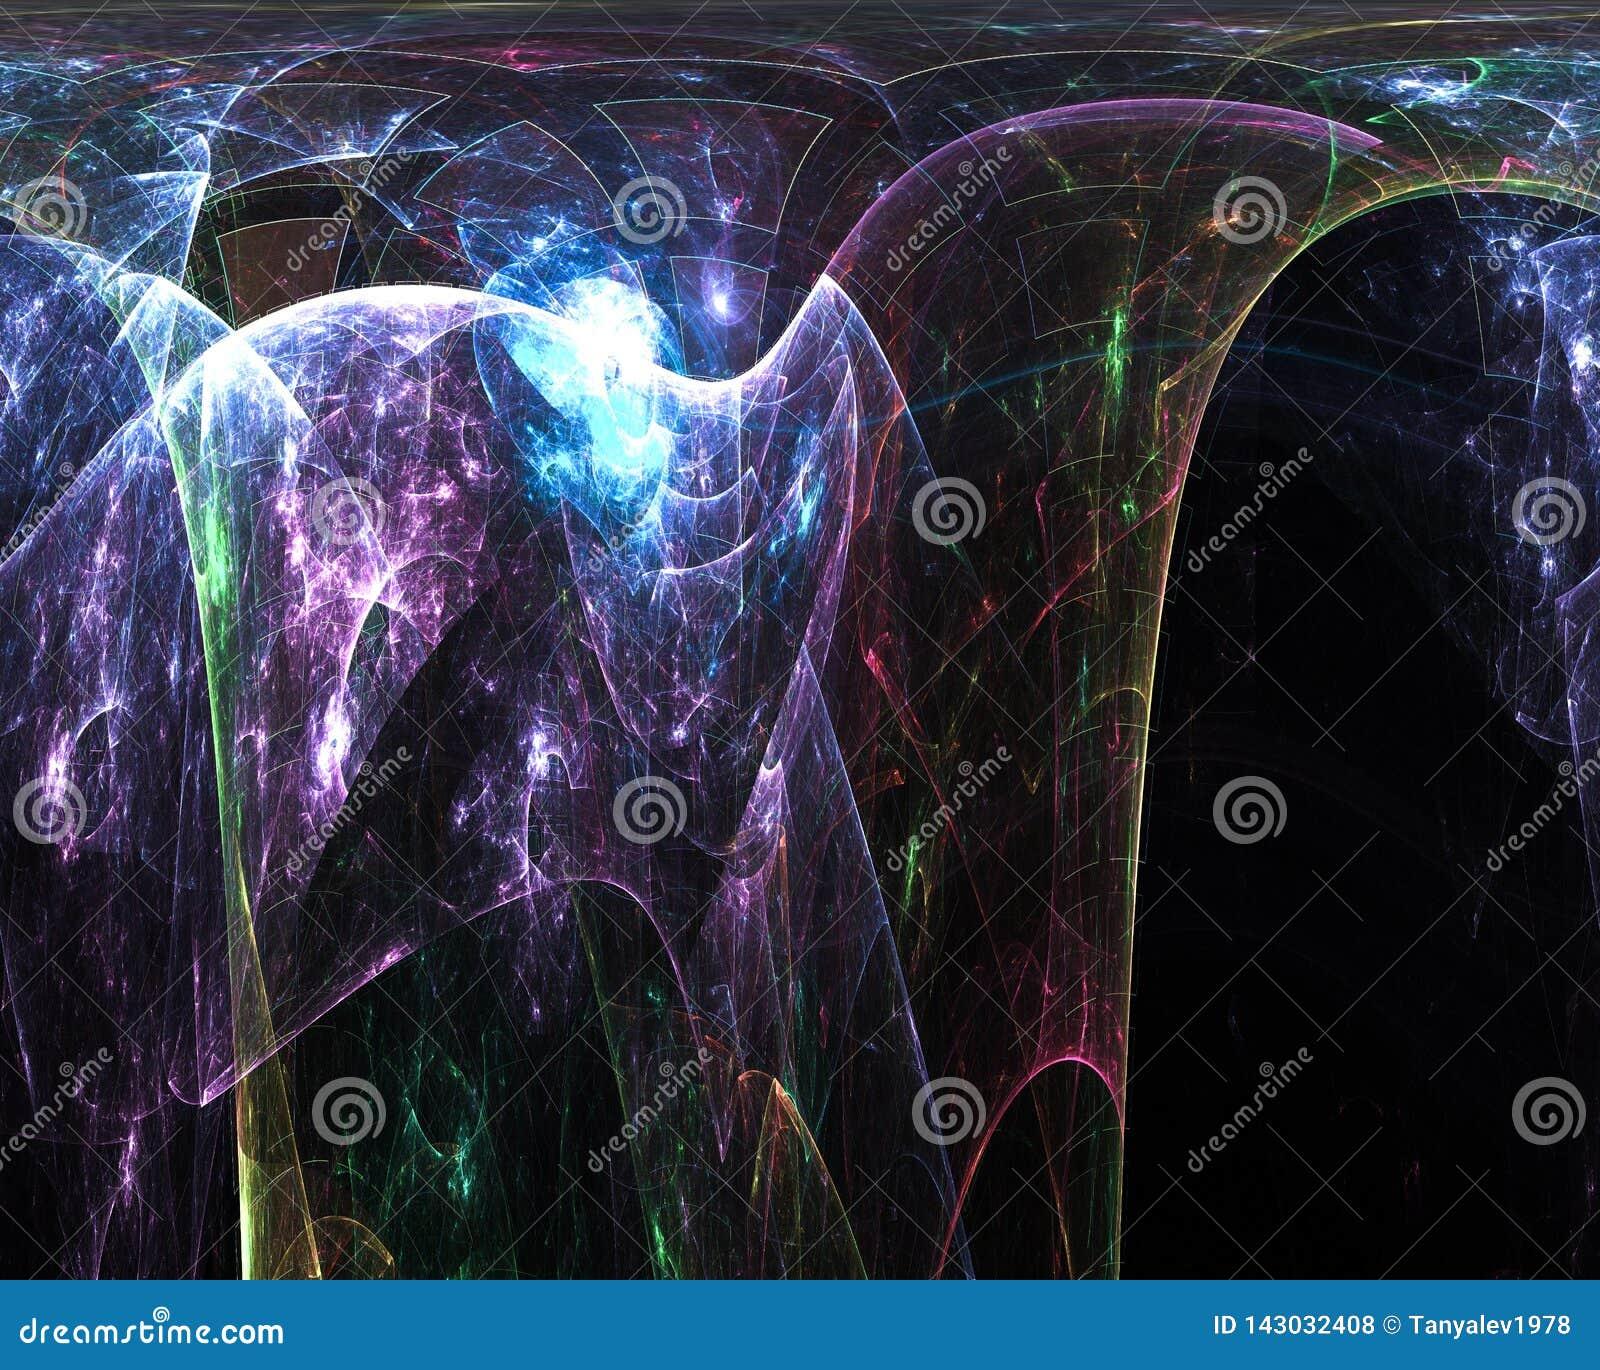 График абстрактного цифрового влияния стиля фрактали живой, представляет художественный, элегантность, динамика